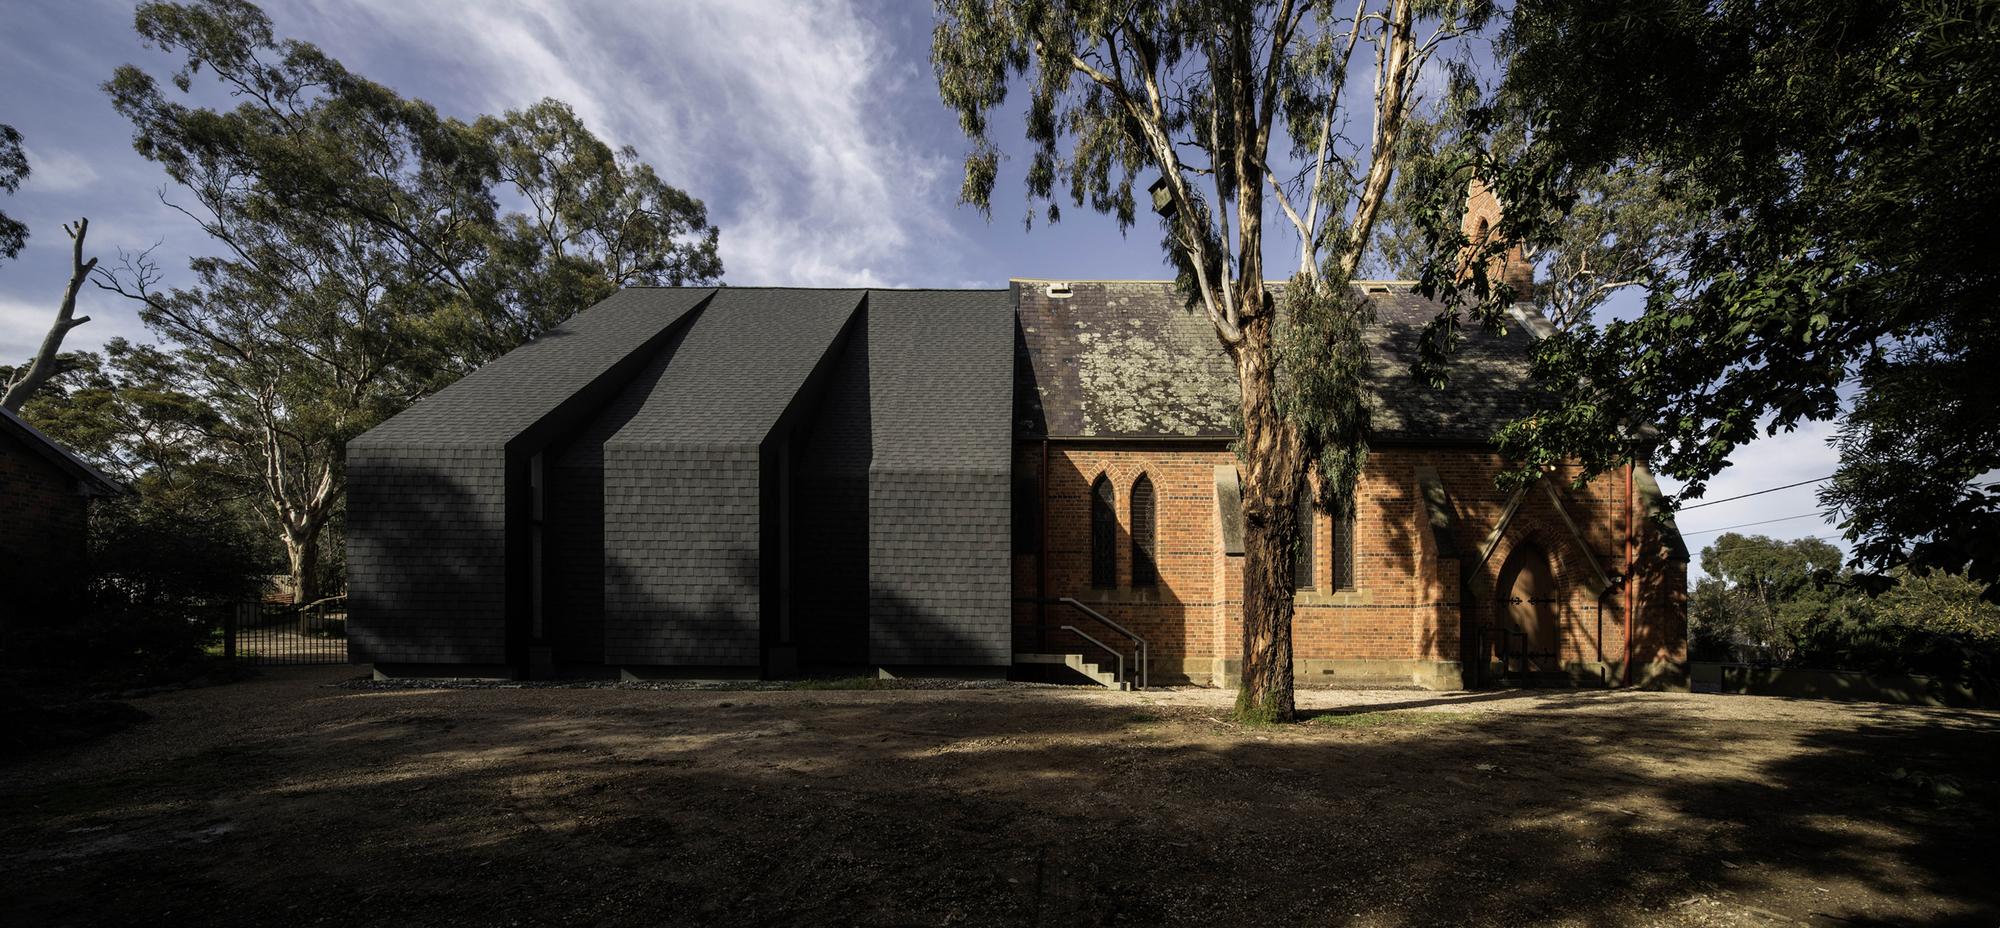 St. Margaret's Eltham Church / Atelier Wagner